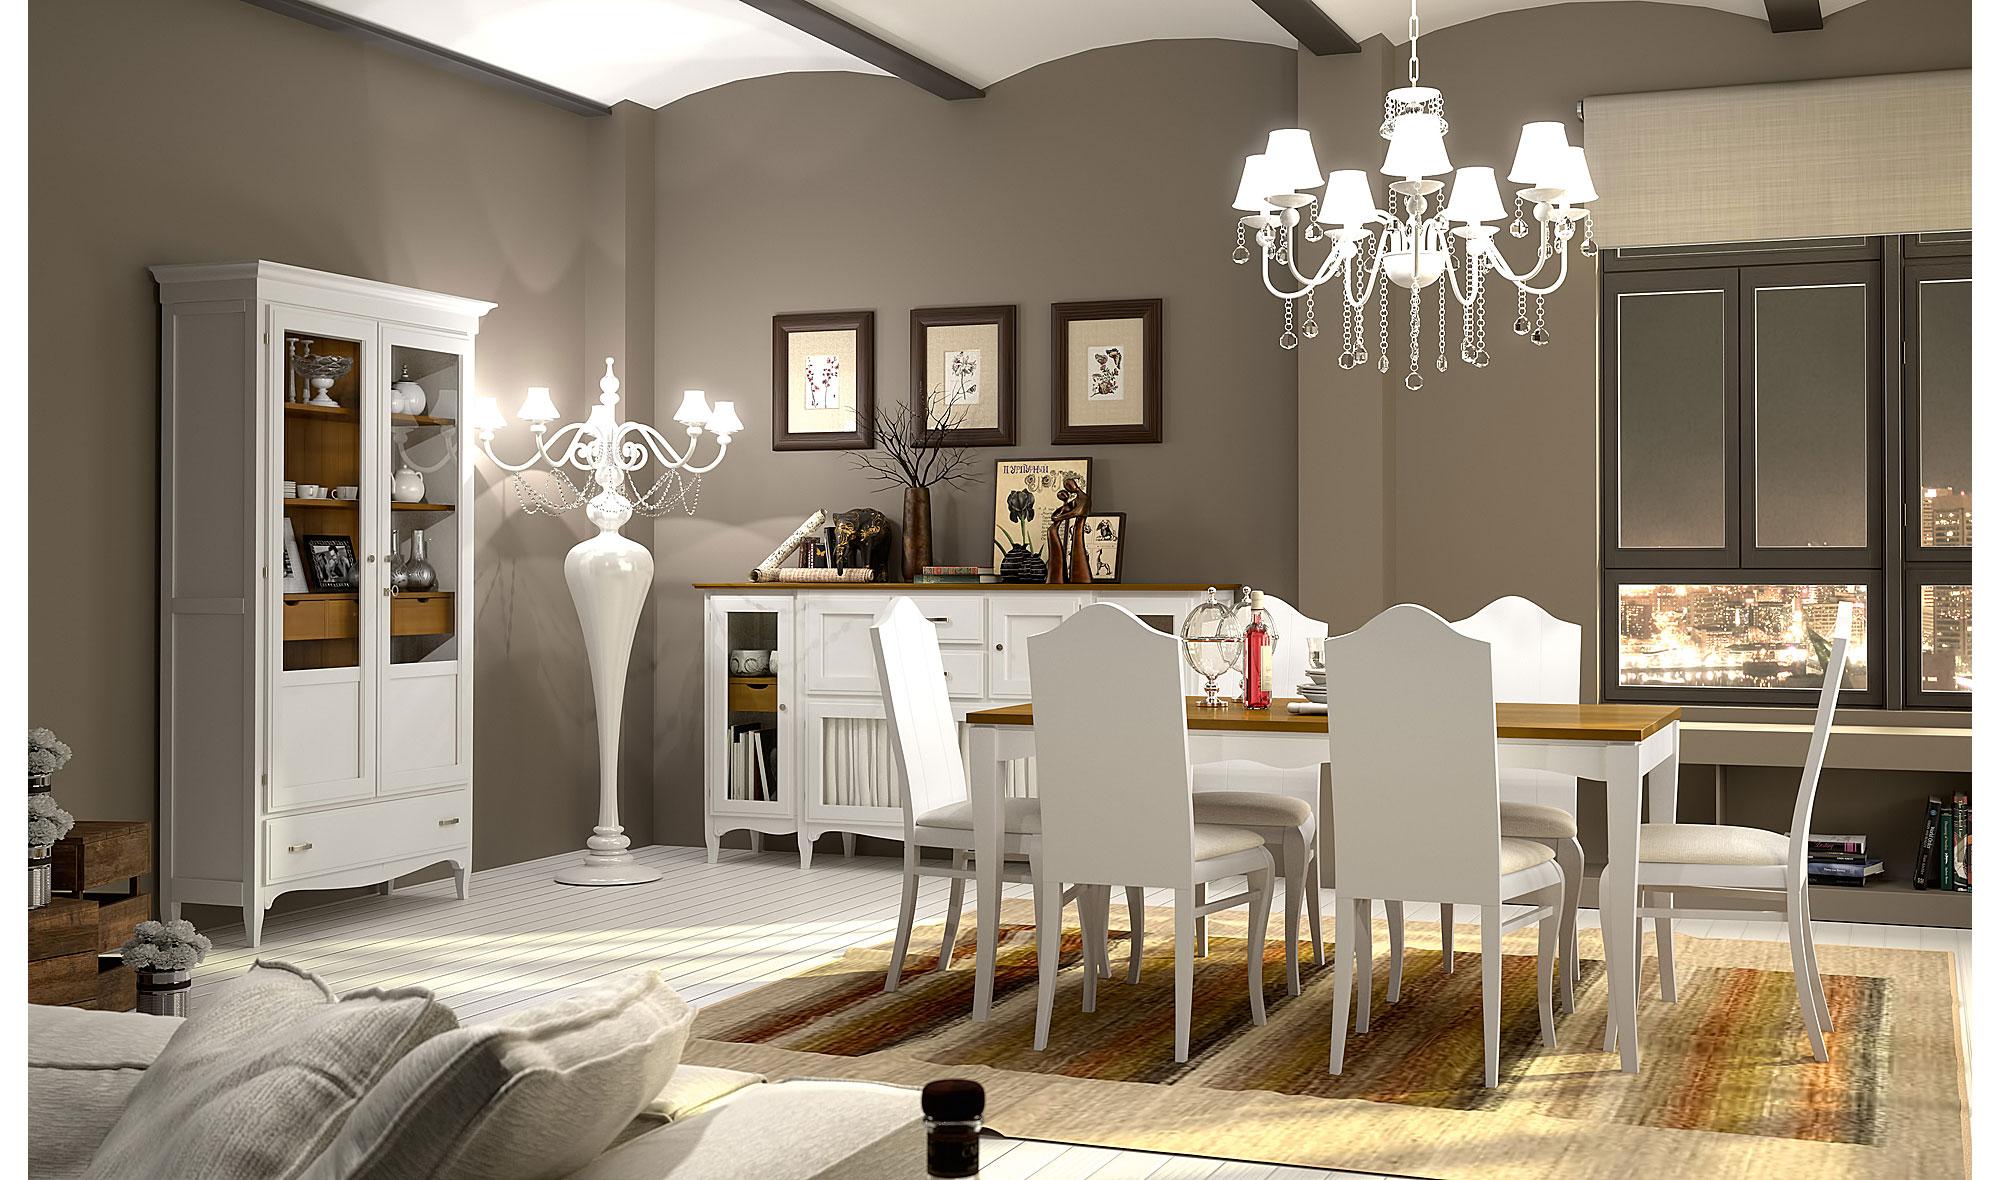 Comedor vintage provenzal tosca fontana en - Muebles decoracion vintage ...